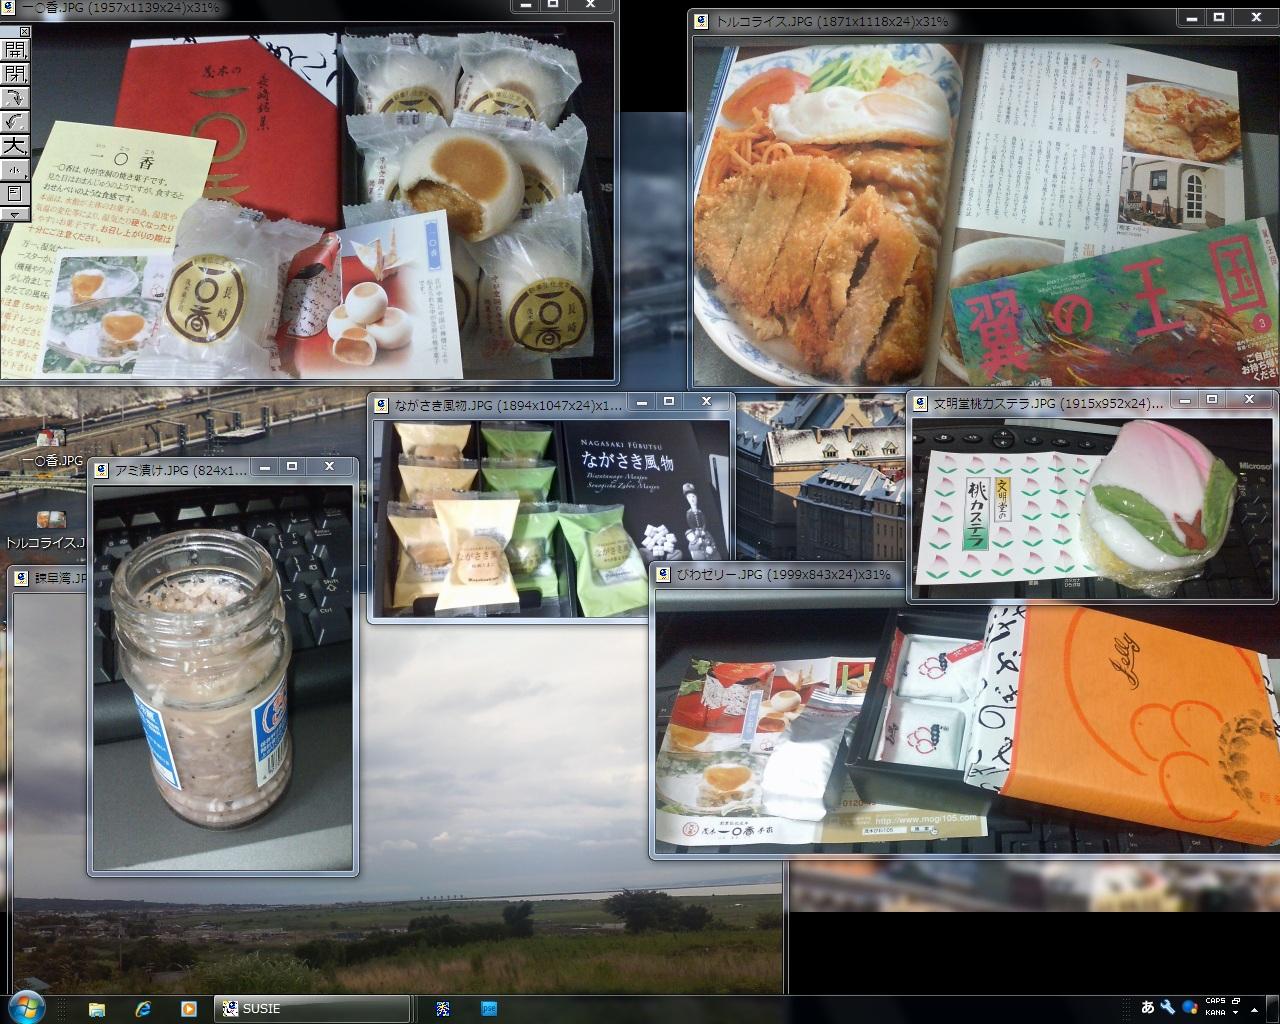 長崎:トルコライス、有明海とアミ漬け